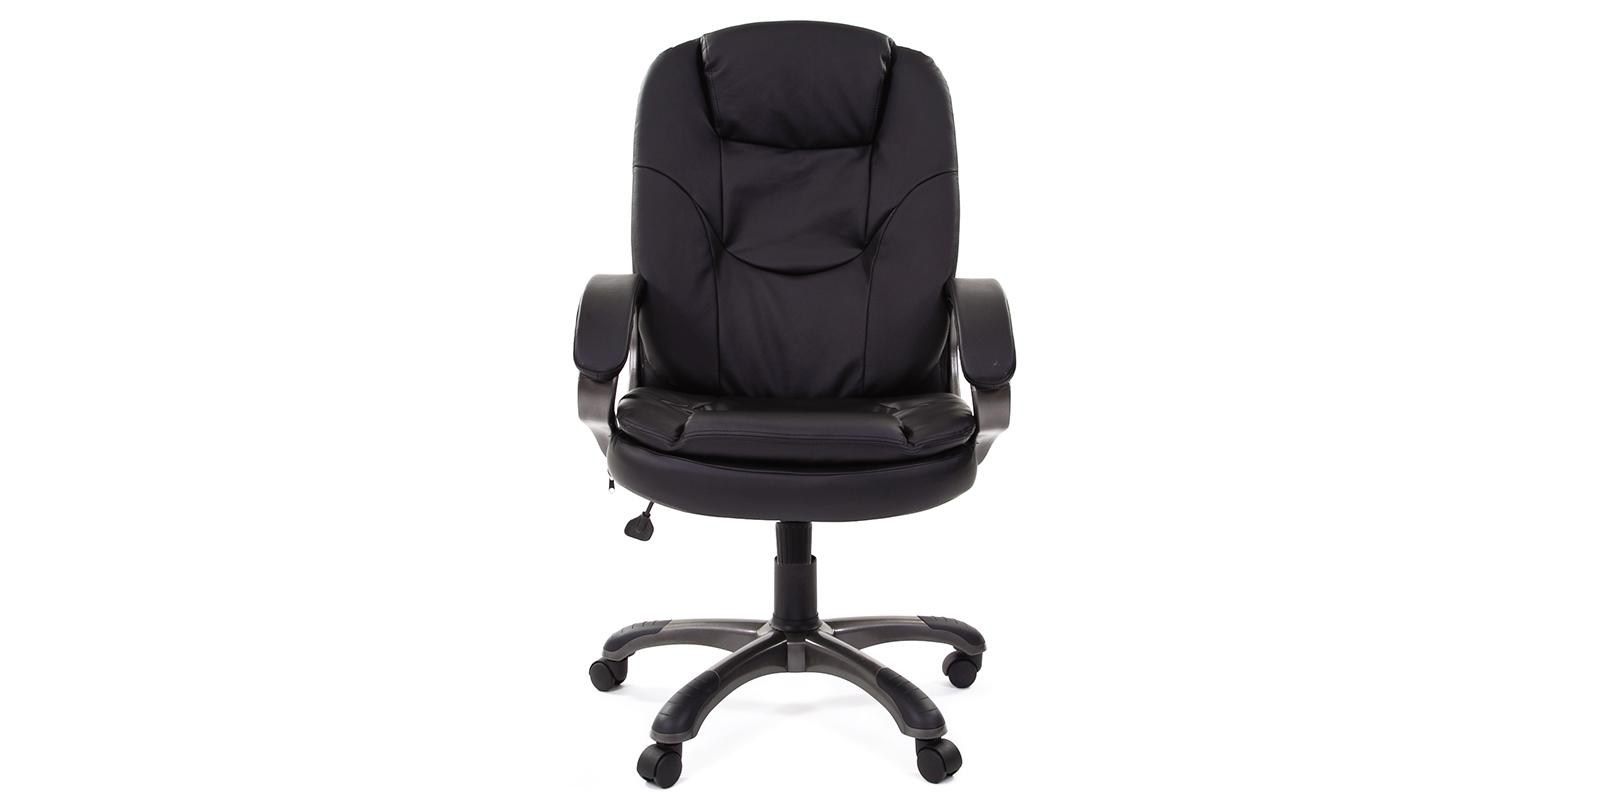 Кресло для руководителя Chairman 668 вариант №1 (черный) от HomeMe.ru